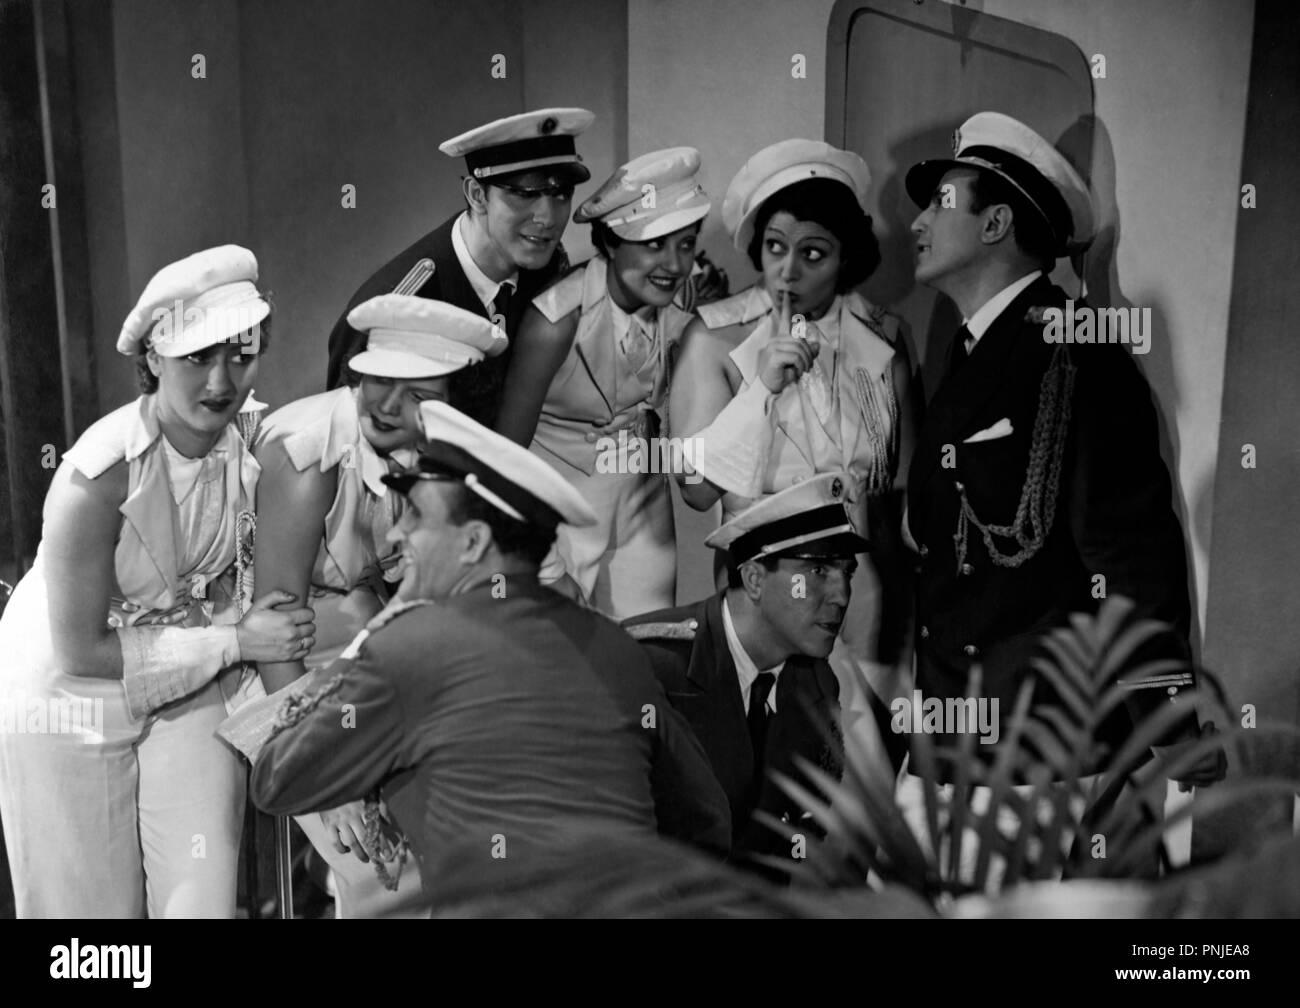 Original film title: ABAJO LOS HOMBRES. English title: ABAJO LOS HOMBRES. Year: 1936. Director: JOSE MARIA CASTELLVI. Credit: EDICI / Album - Stock Image